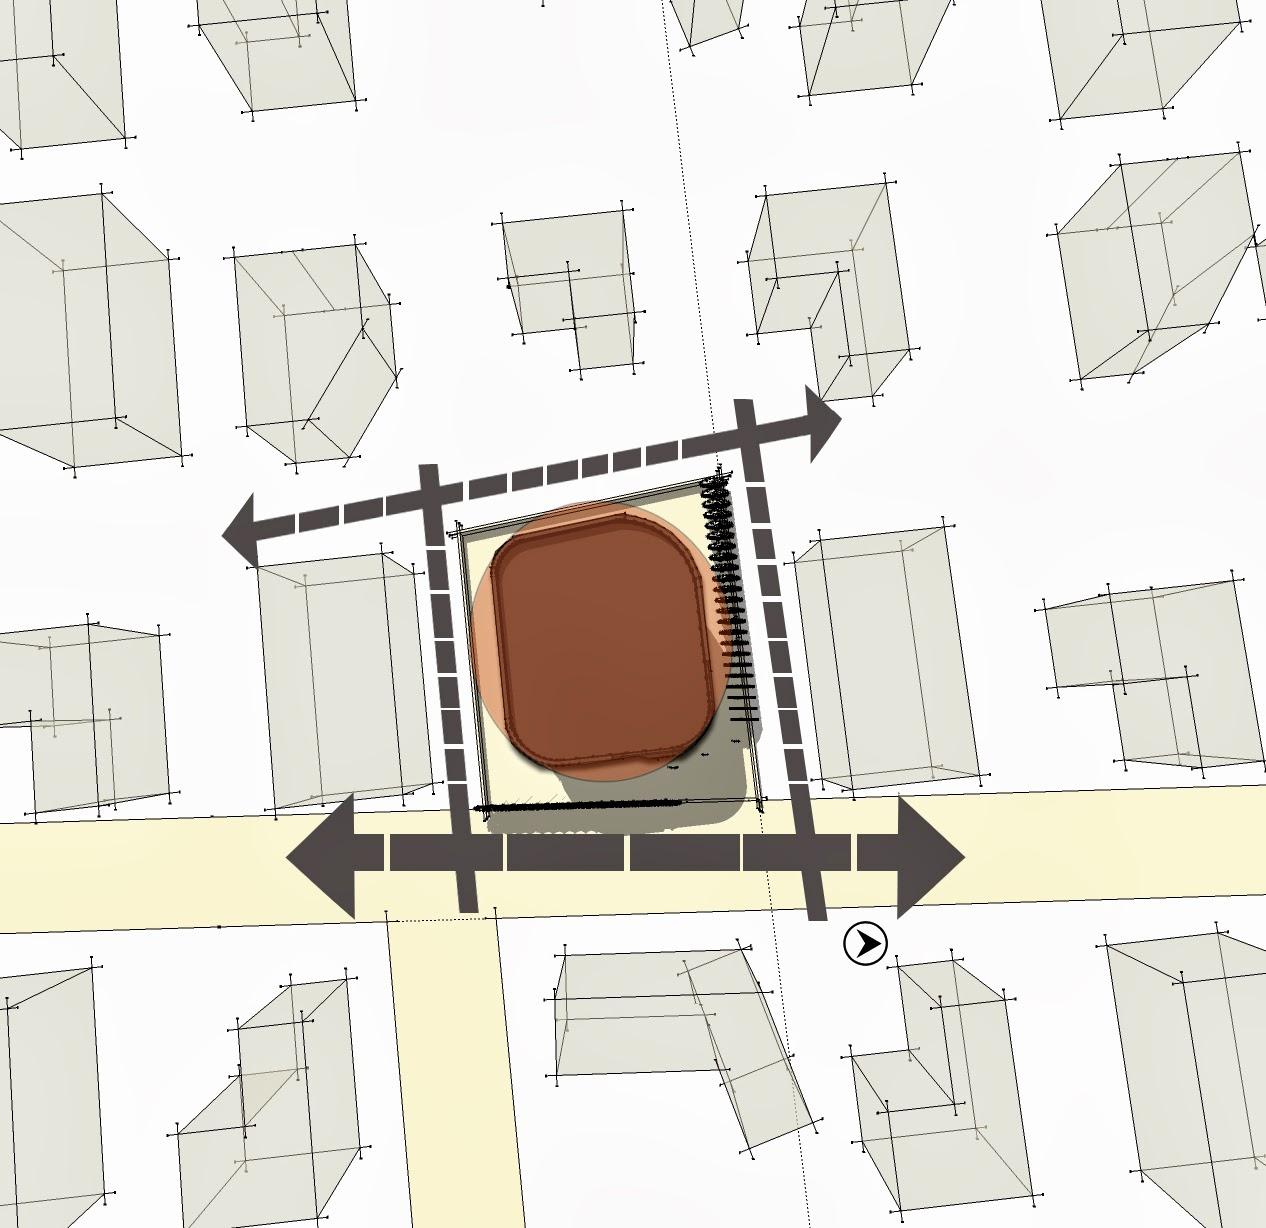 Building Design Studios: Proposed Office @ Bengaluru